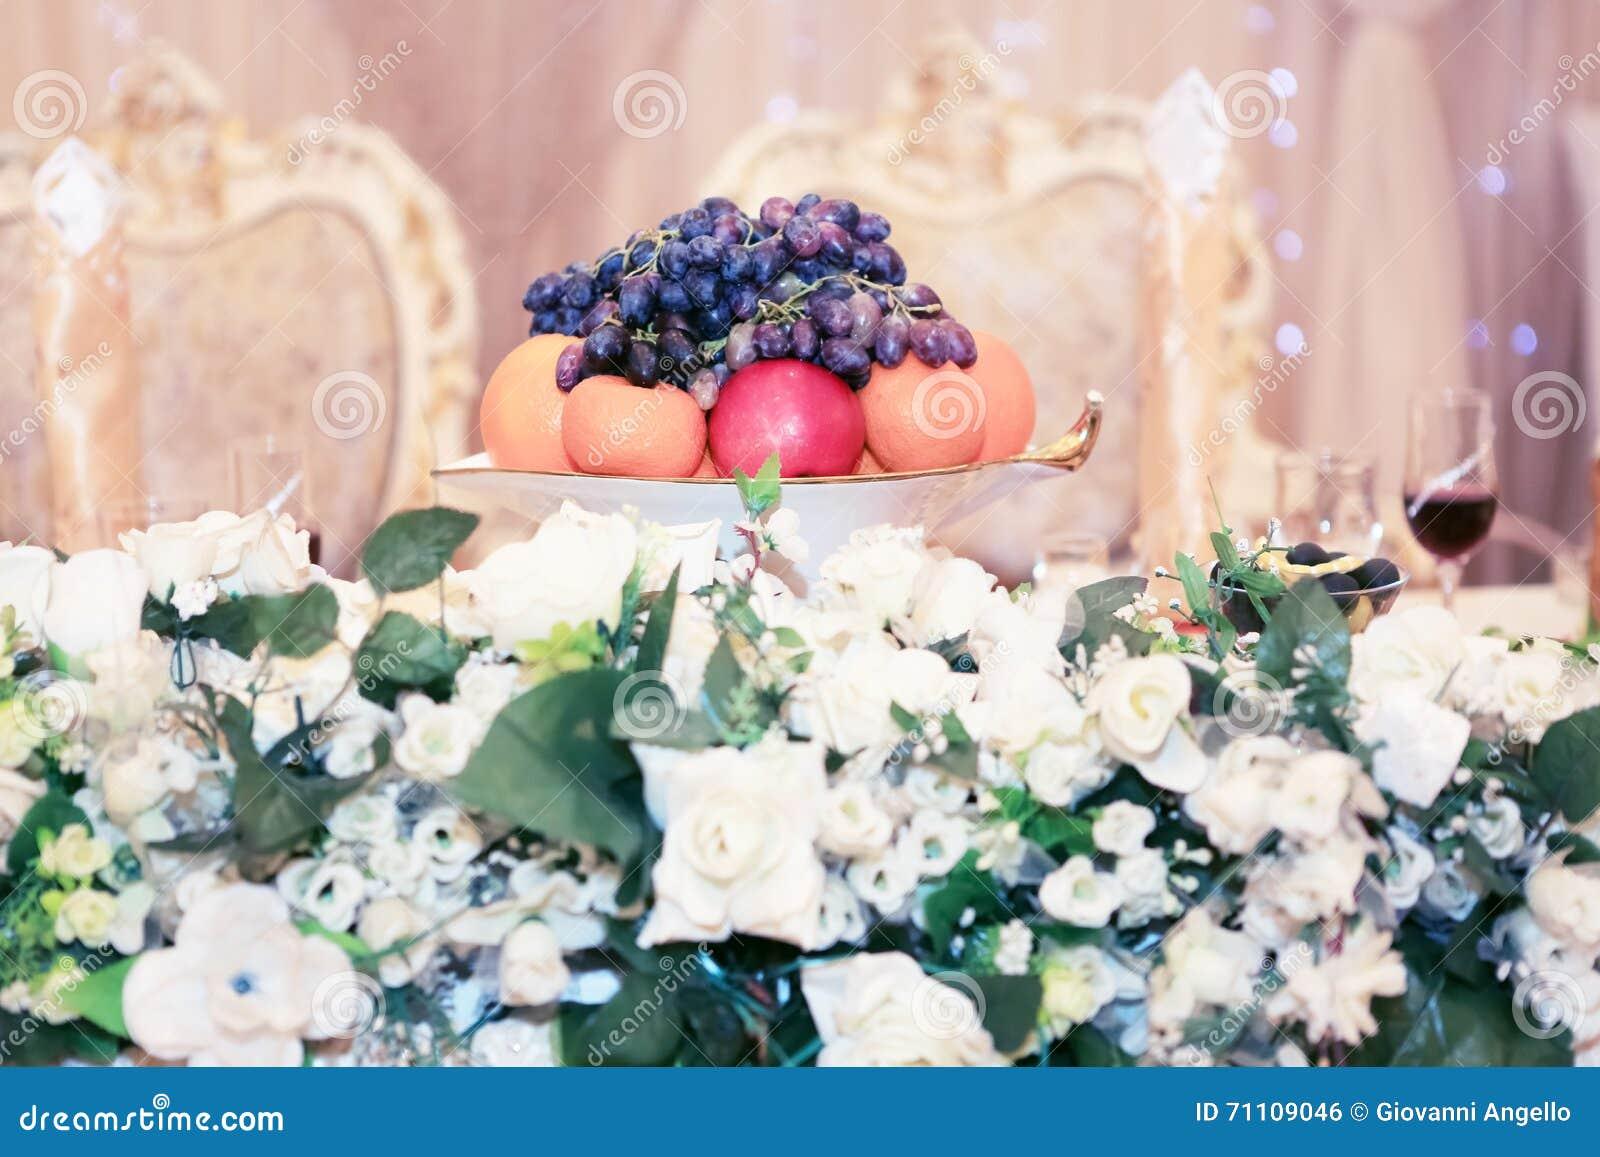 Porte des fruits le plateau